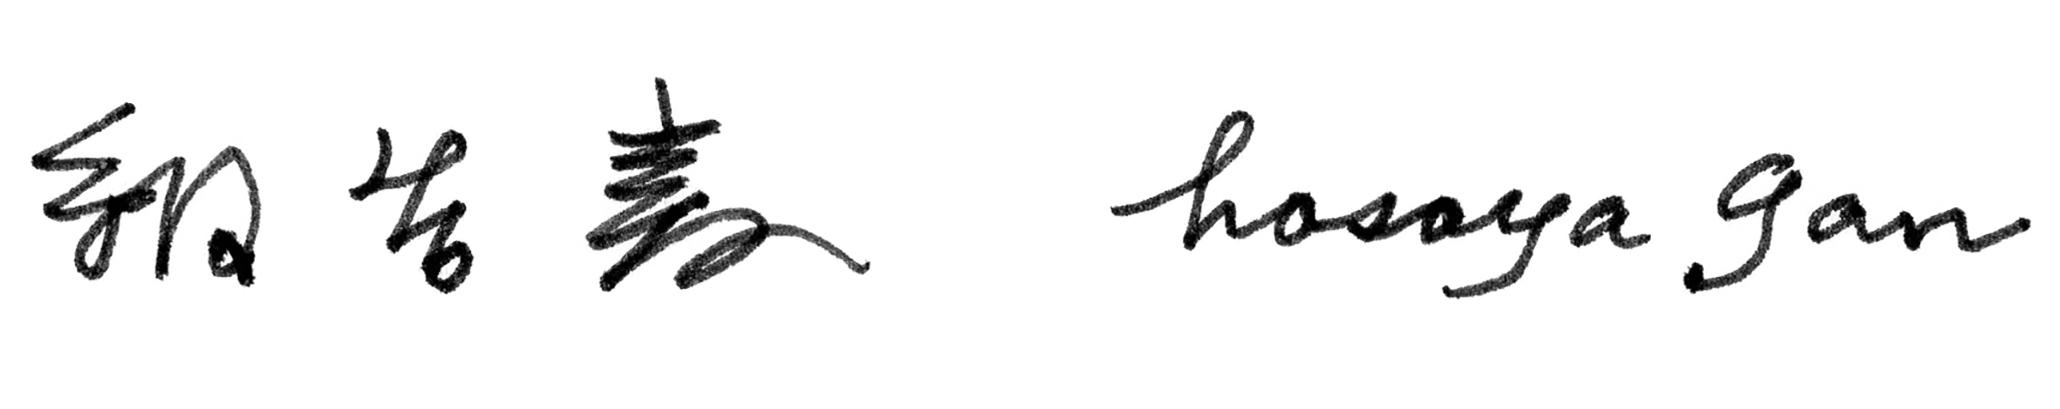 """細谷巖  一九三五年神奈川県生まれ。神奈川工業高等学校工芸図案科卒。一九五四年ライトパブリシテイ入社。 現在、代表取締役会長。現在、東京アートディレクターズクラブ会長、日本グラフィックデザイナー協会会員、毎日広告デザイン賞審査員。主な著作に『イメージの翼・細谷巖アートディレクション』(中央公論社)、『細谷巖のデザインロード69』(白水社)等。  紫綬褒章(2001年) 旭日小綬章(2014年)   Gan Hosoya Graphic Designer/Art Director LIGHT PUBLICITY  Born 1935 in Kanagawa Prefecture. Graduated from the Craft Design Department of Kanagawa Technical High School. Started working at Light Publicity in 1954, and is currently the chairman and executive director. He is also currently the director of the Art Directors Club, member of the Japan Graphic Designers Associatio (JAGDA), and jury member of the Mainichi Advertisement Design Competition. Notable books include """"The Wings of Image, Art Direction by Gan Hosoya"""" (Chuokoron-Shinsha, Inc.), and """"Gan Hosoya Design road Sixty nine"""" (Hakusuisha Publishing), among others.   Medals from Japan: Purple Ribbon (2001) Order of the Rising Sun (2014)"""